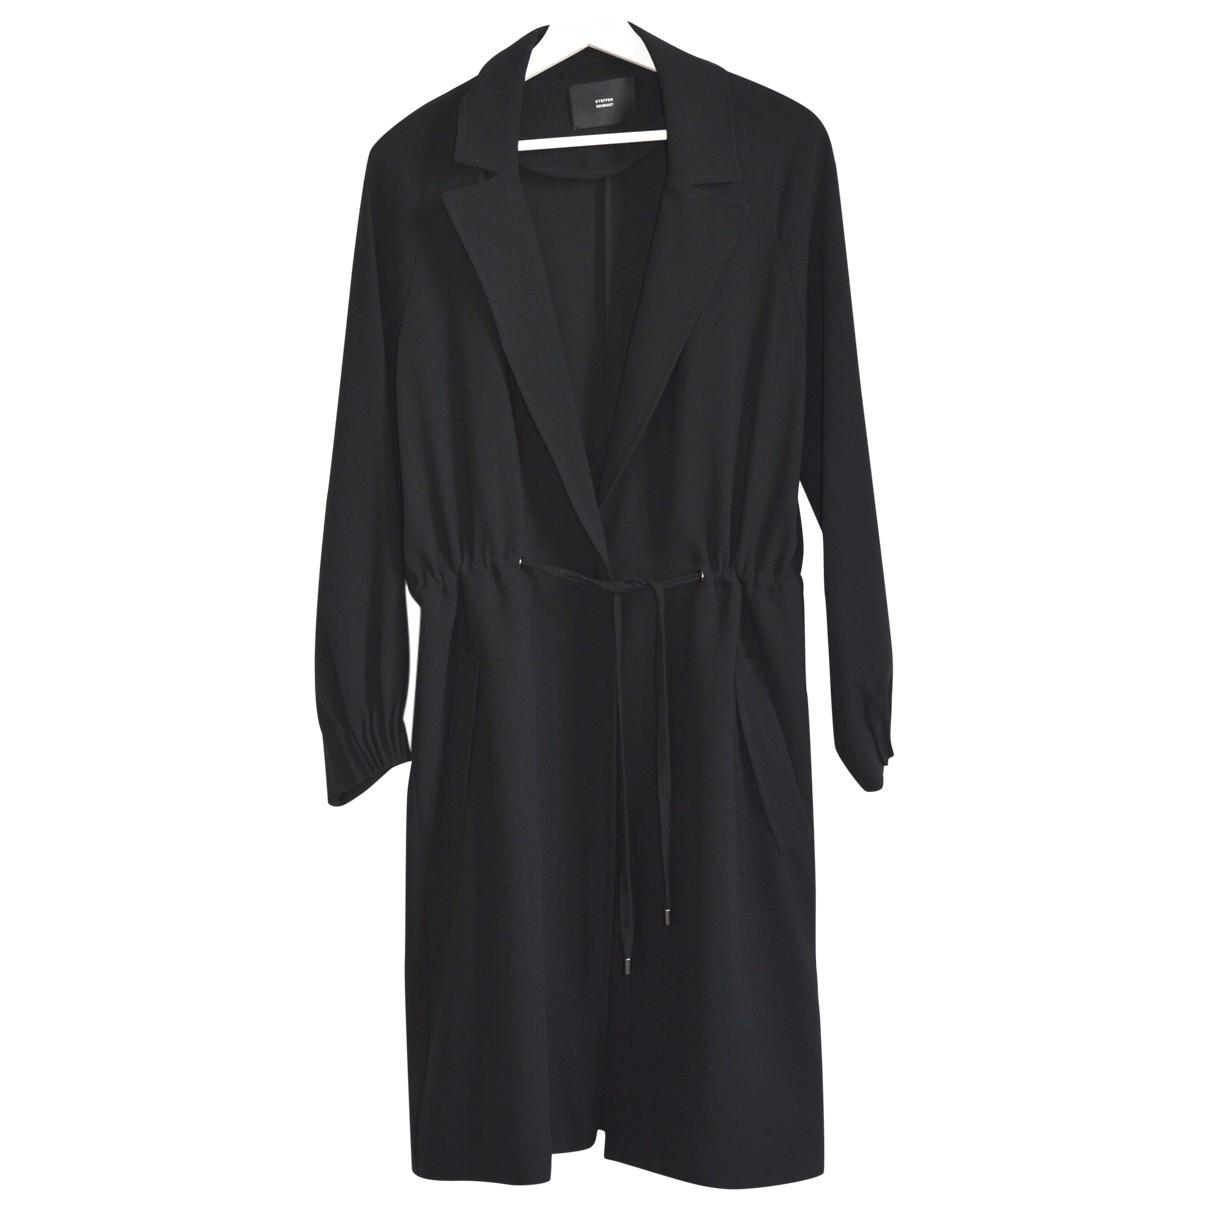 Steffen Schraut \N Black coat for Women M International